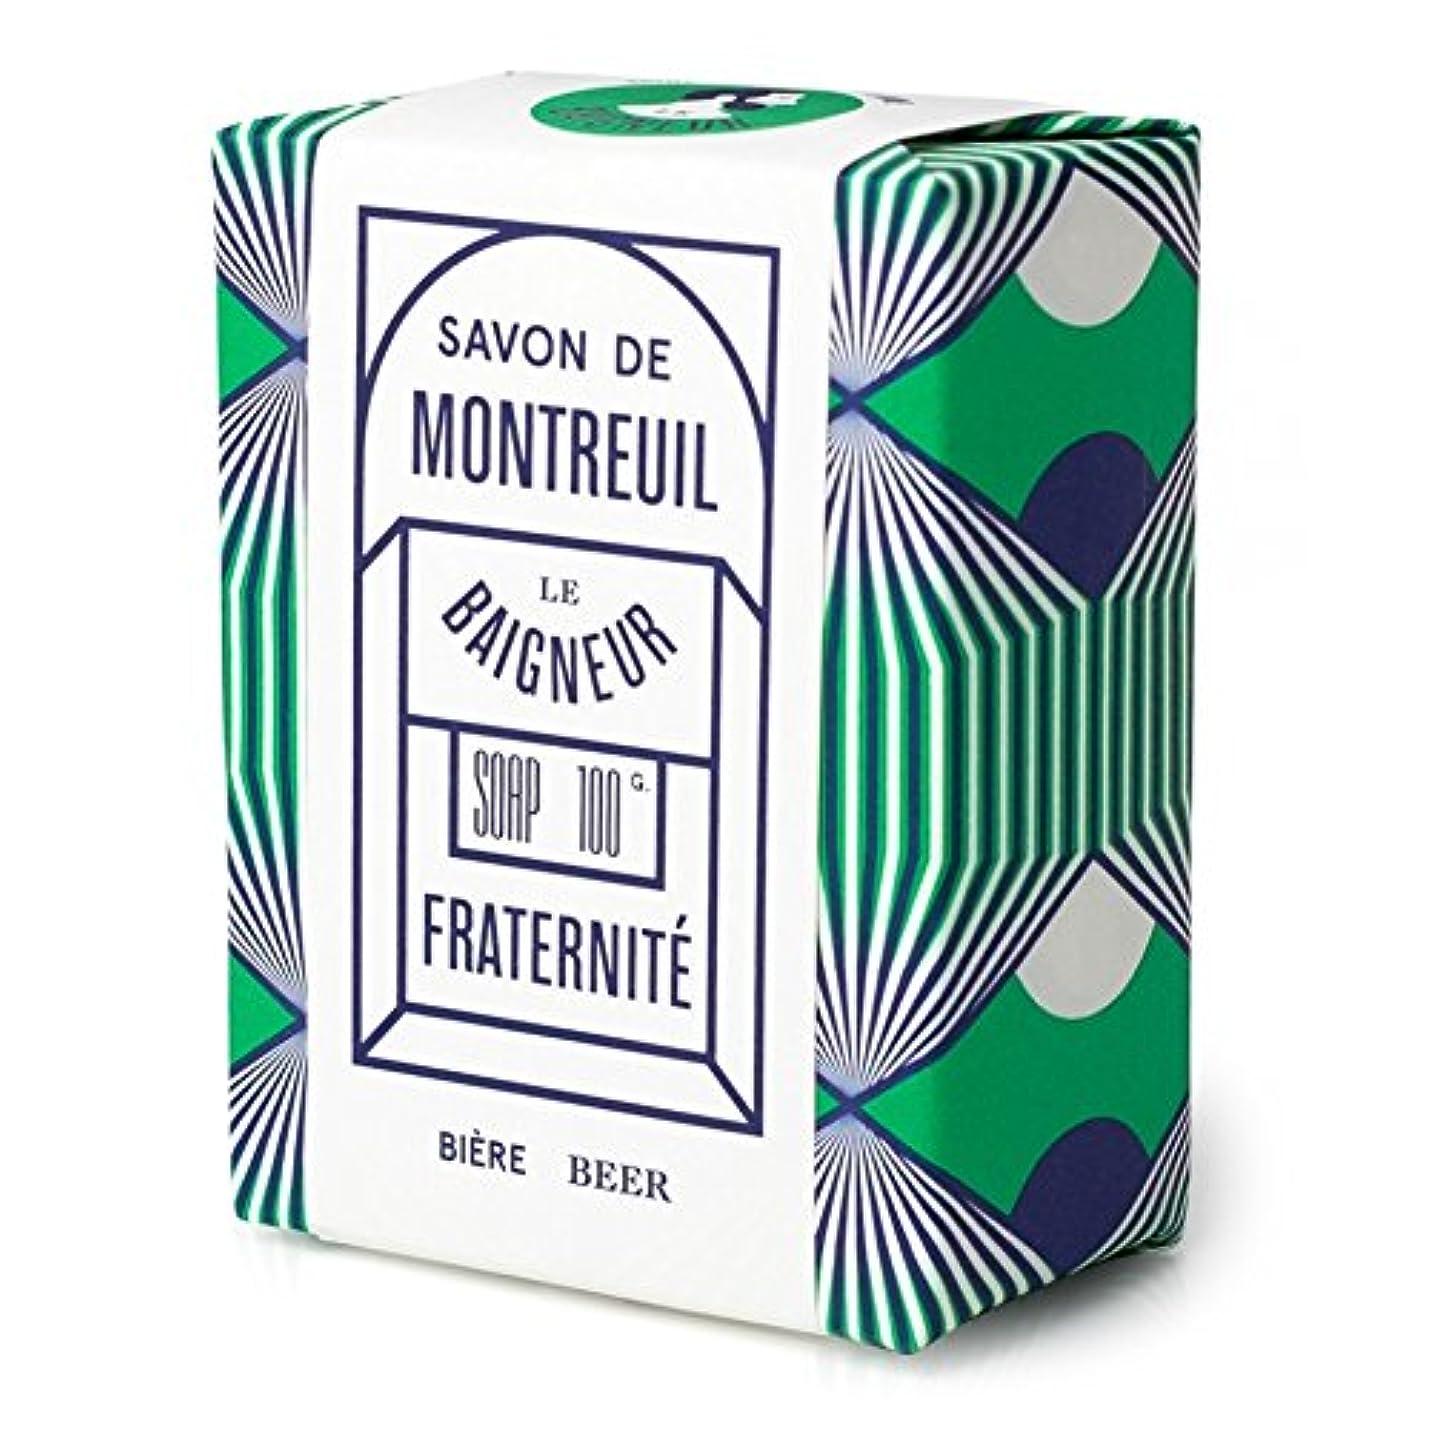 子羊達成社会学ル 石鹸100グラム x2 - Le Baigneur Fraternite Soap 100g (Pack of 2) [並行輸入品]